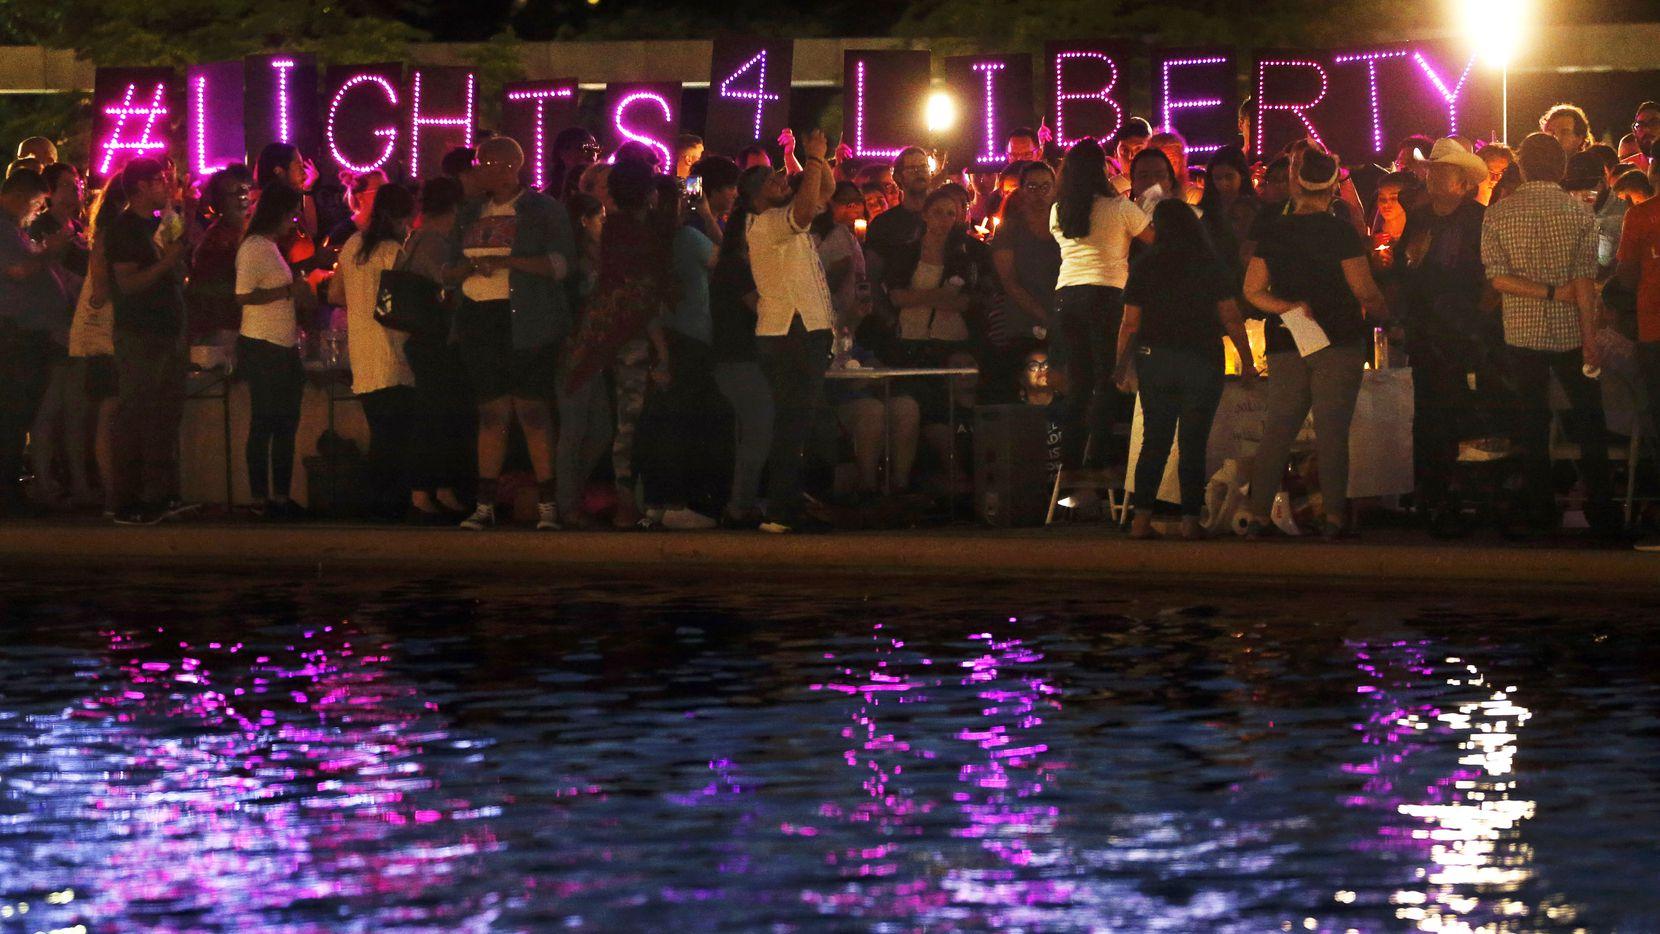 Decenas de personas se reunieron en el centro de Dallas para participar en la vigilia Lights4Liberty, el viernes en la noche.